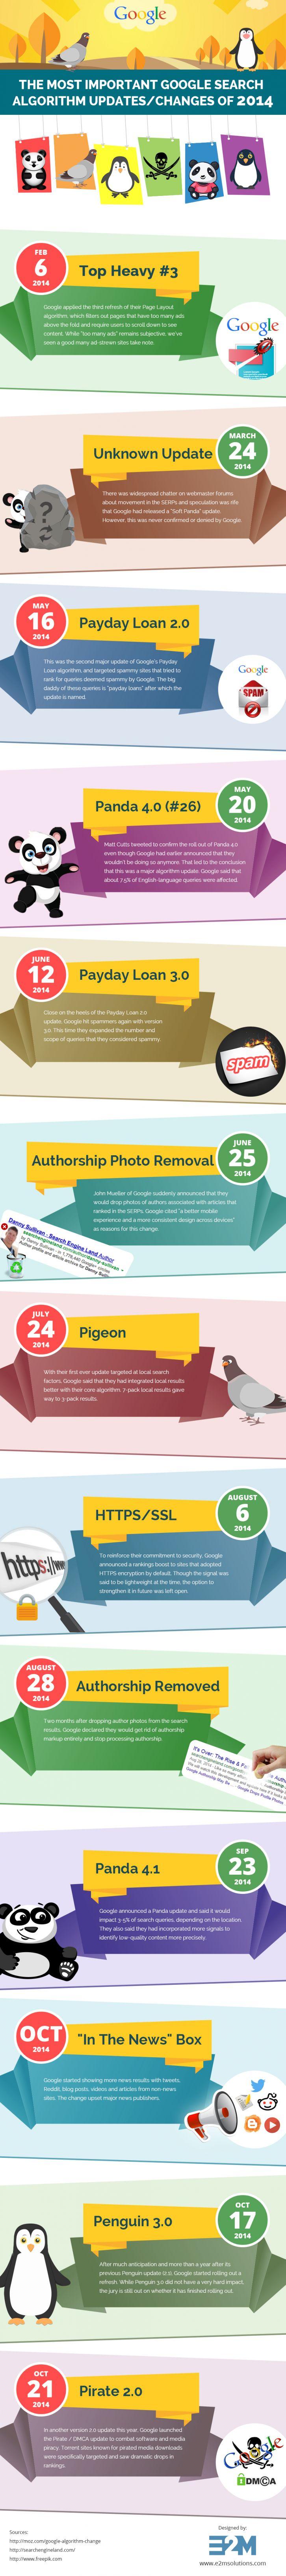 Infographie - Changements Algorithme Google en 2014